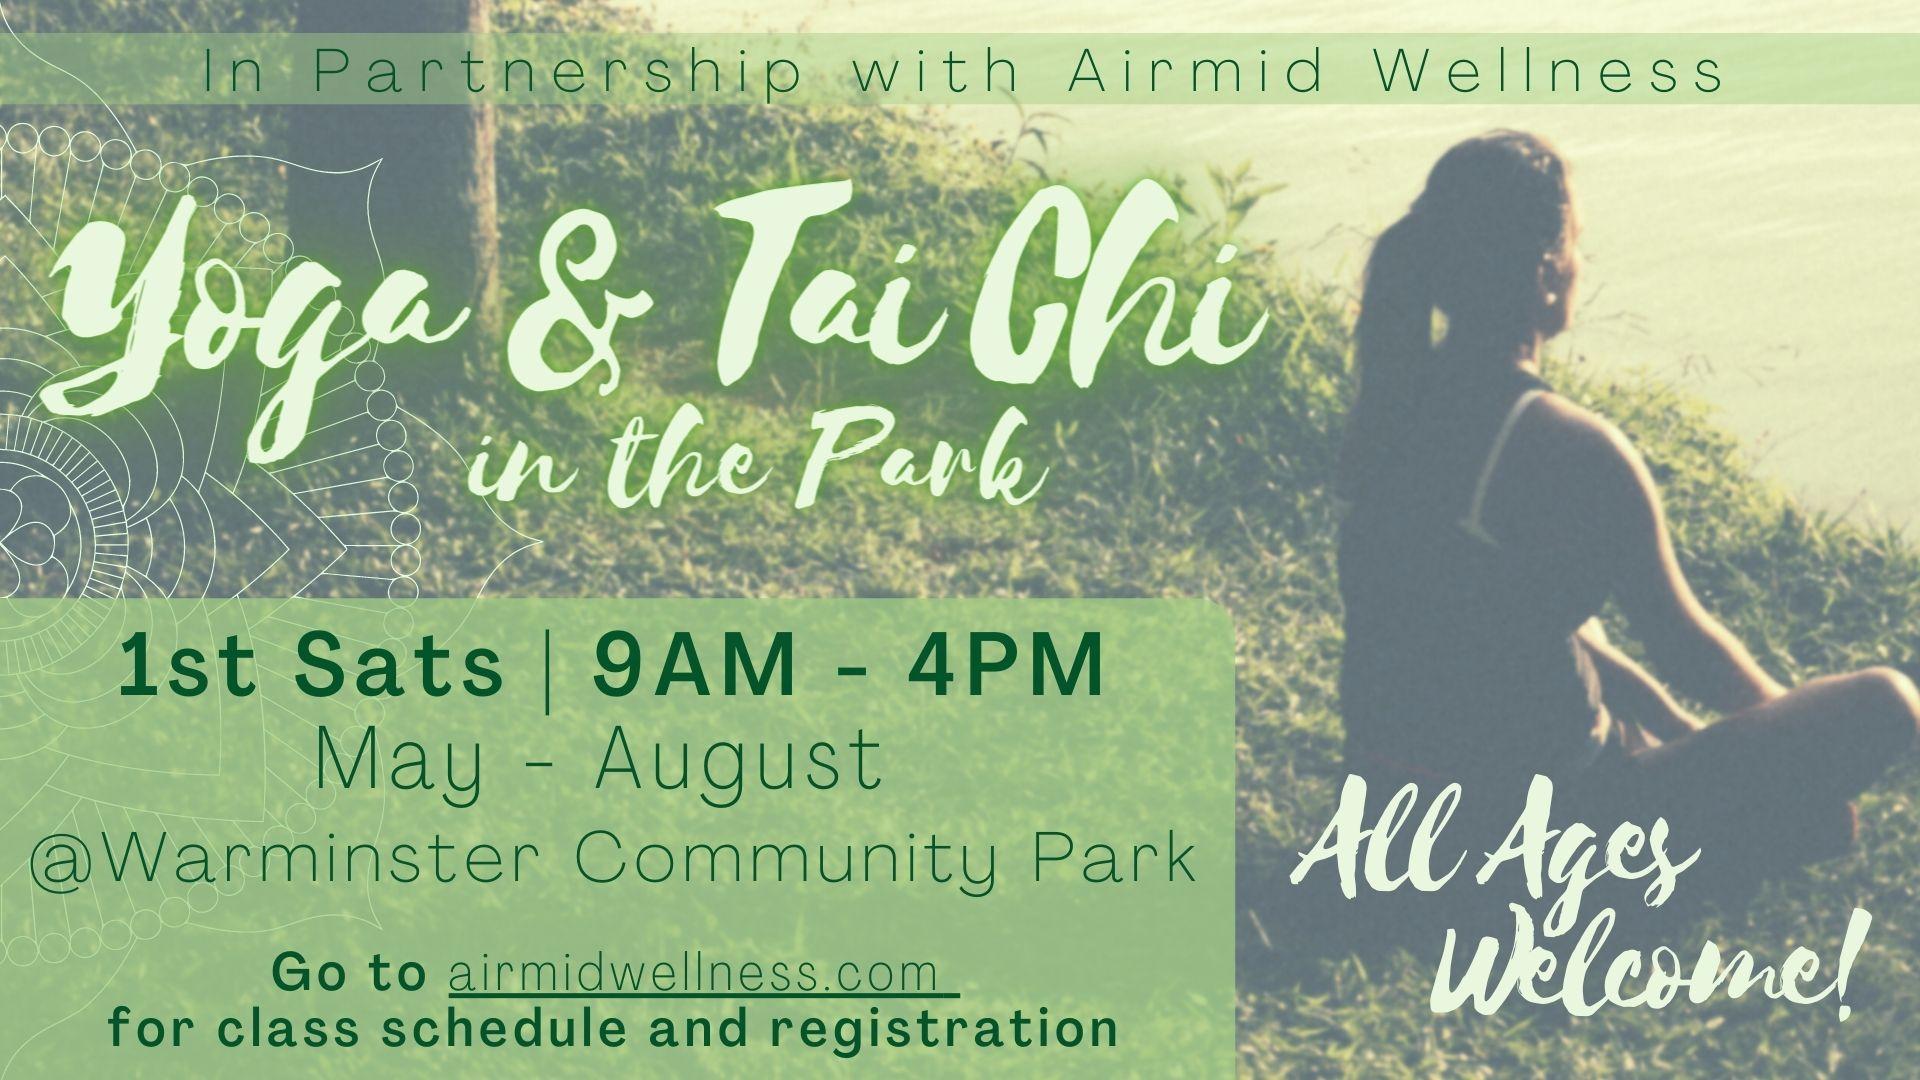 Yoga & Tai Chi in the Park